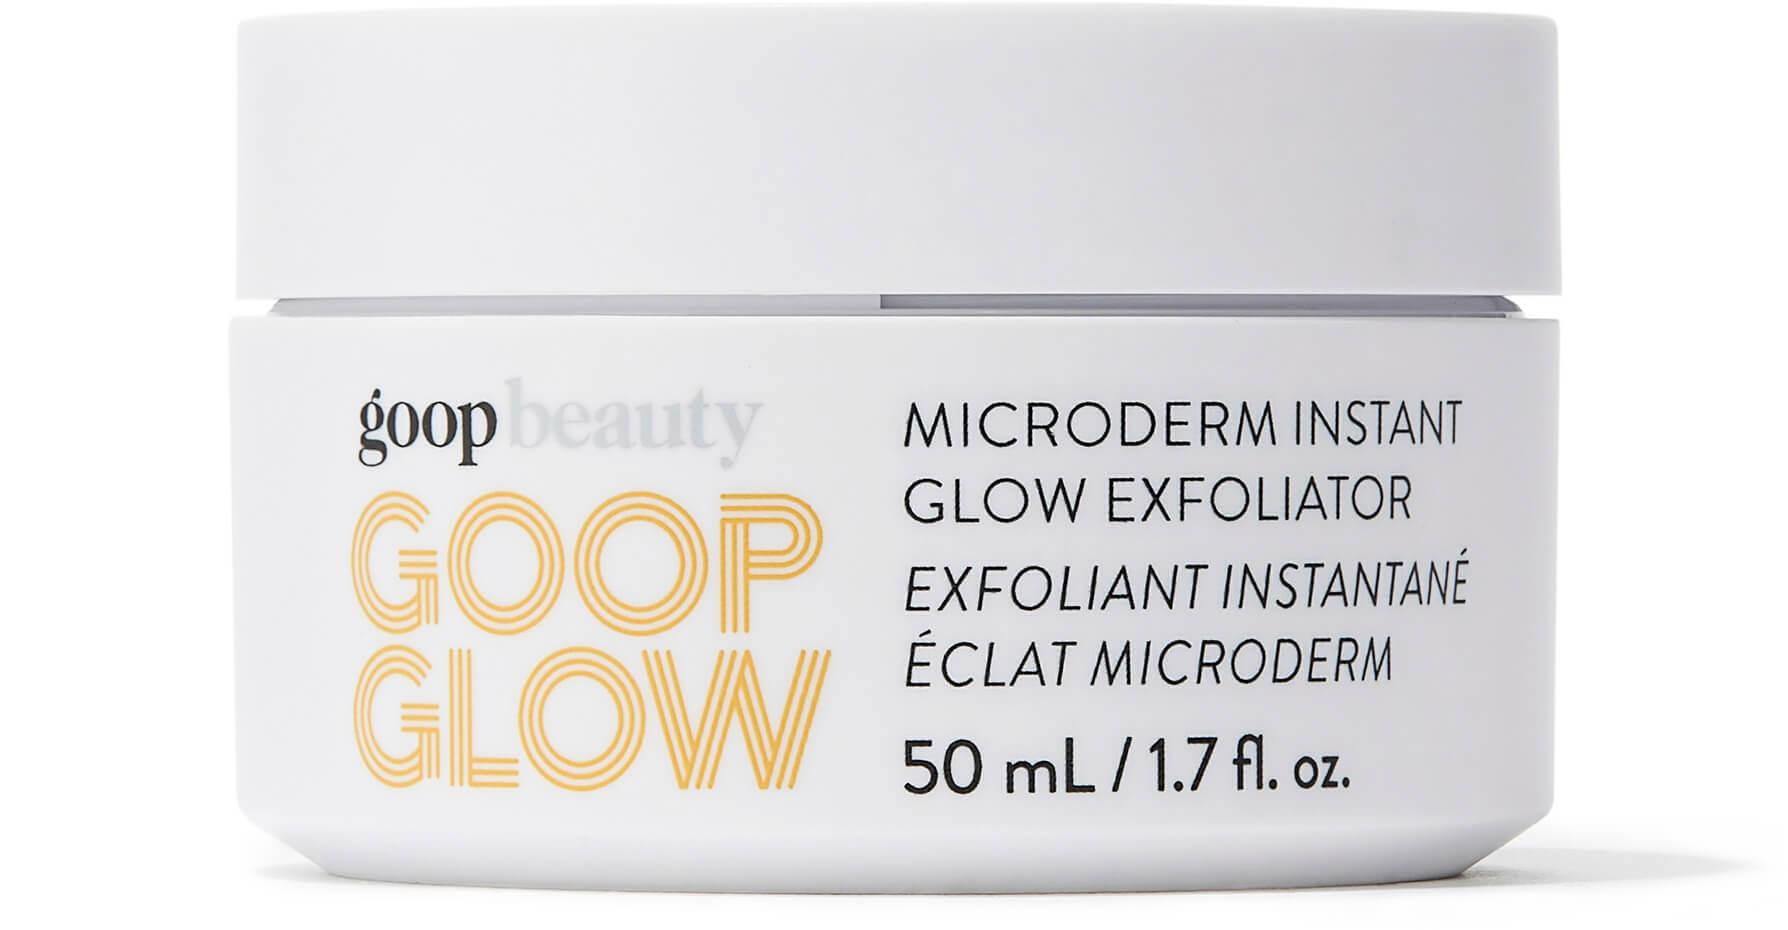 GOOPGLOW microderm instant glow exfoliator